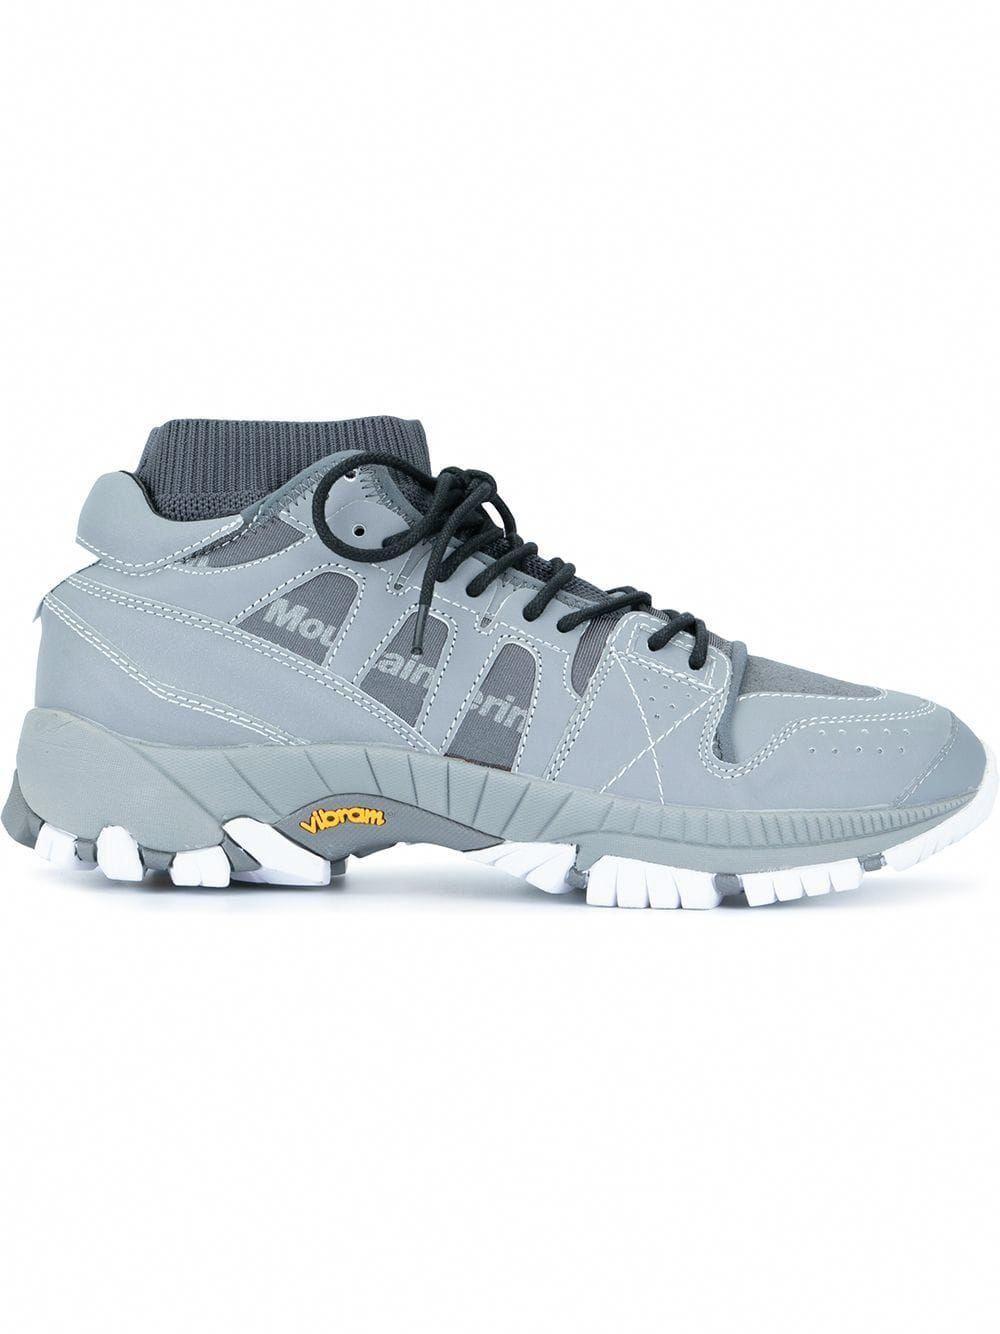 Nike Women S Shoes Near Me NikeWomenSShoesBestSeller